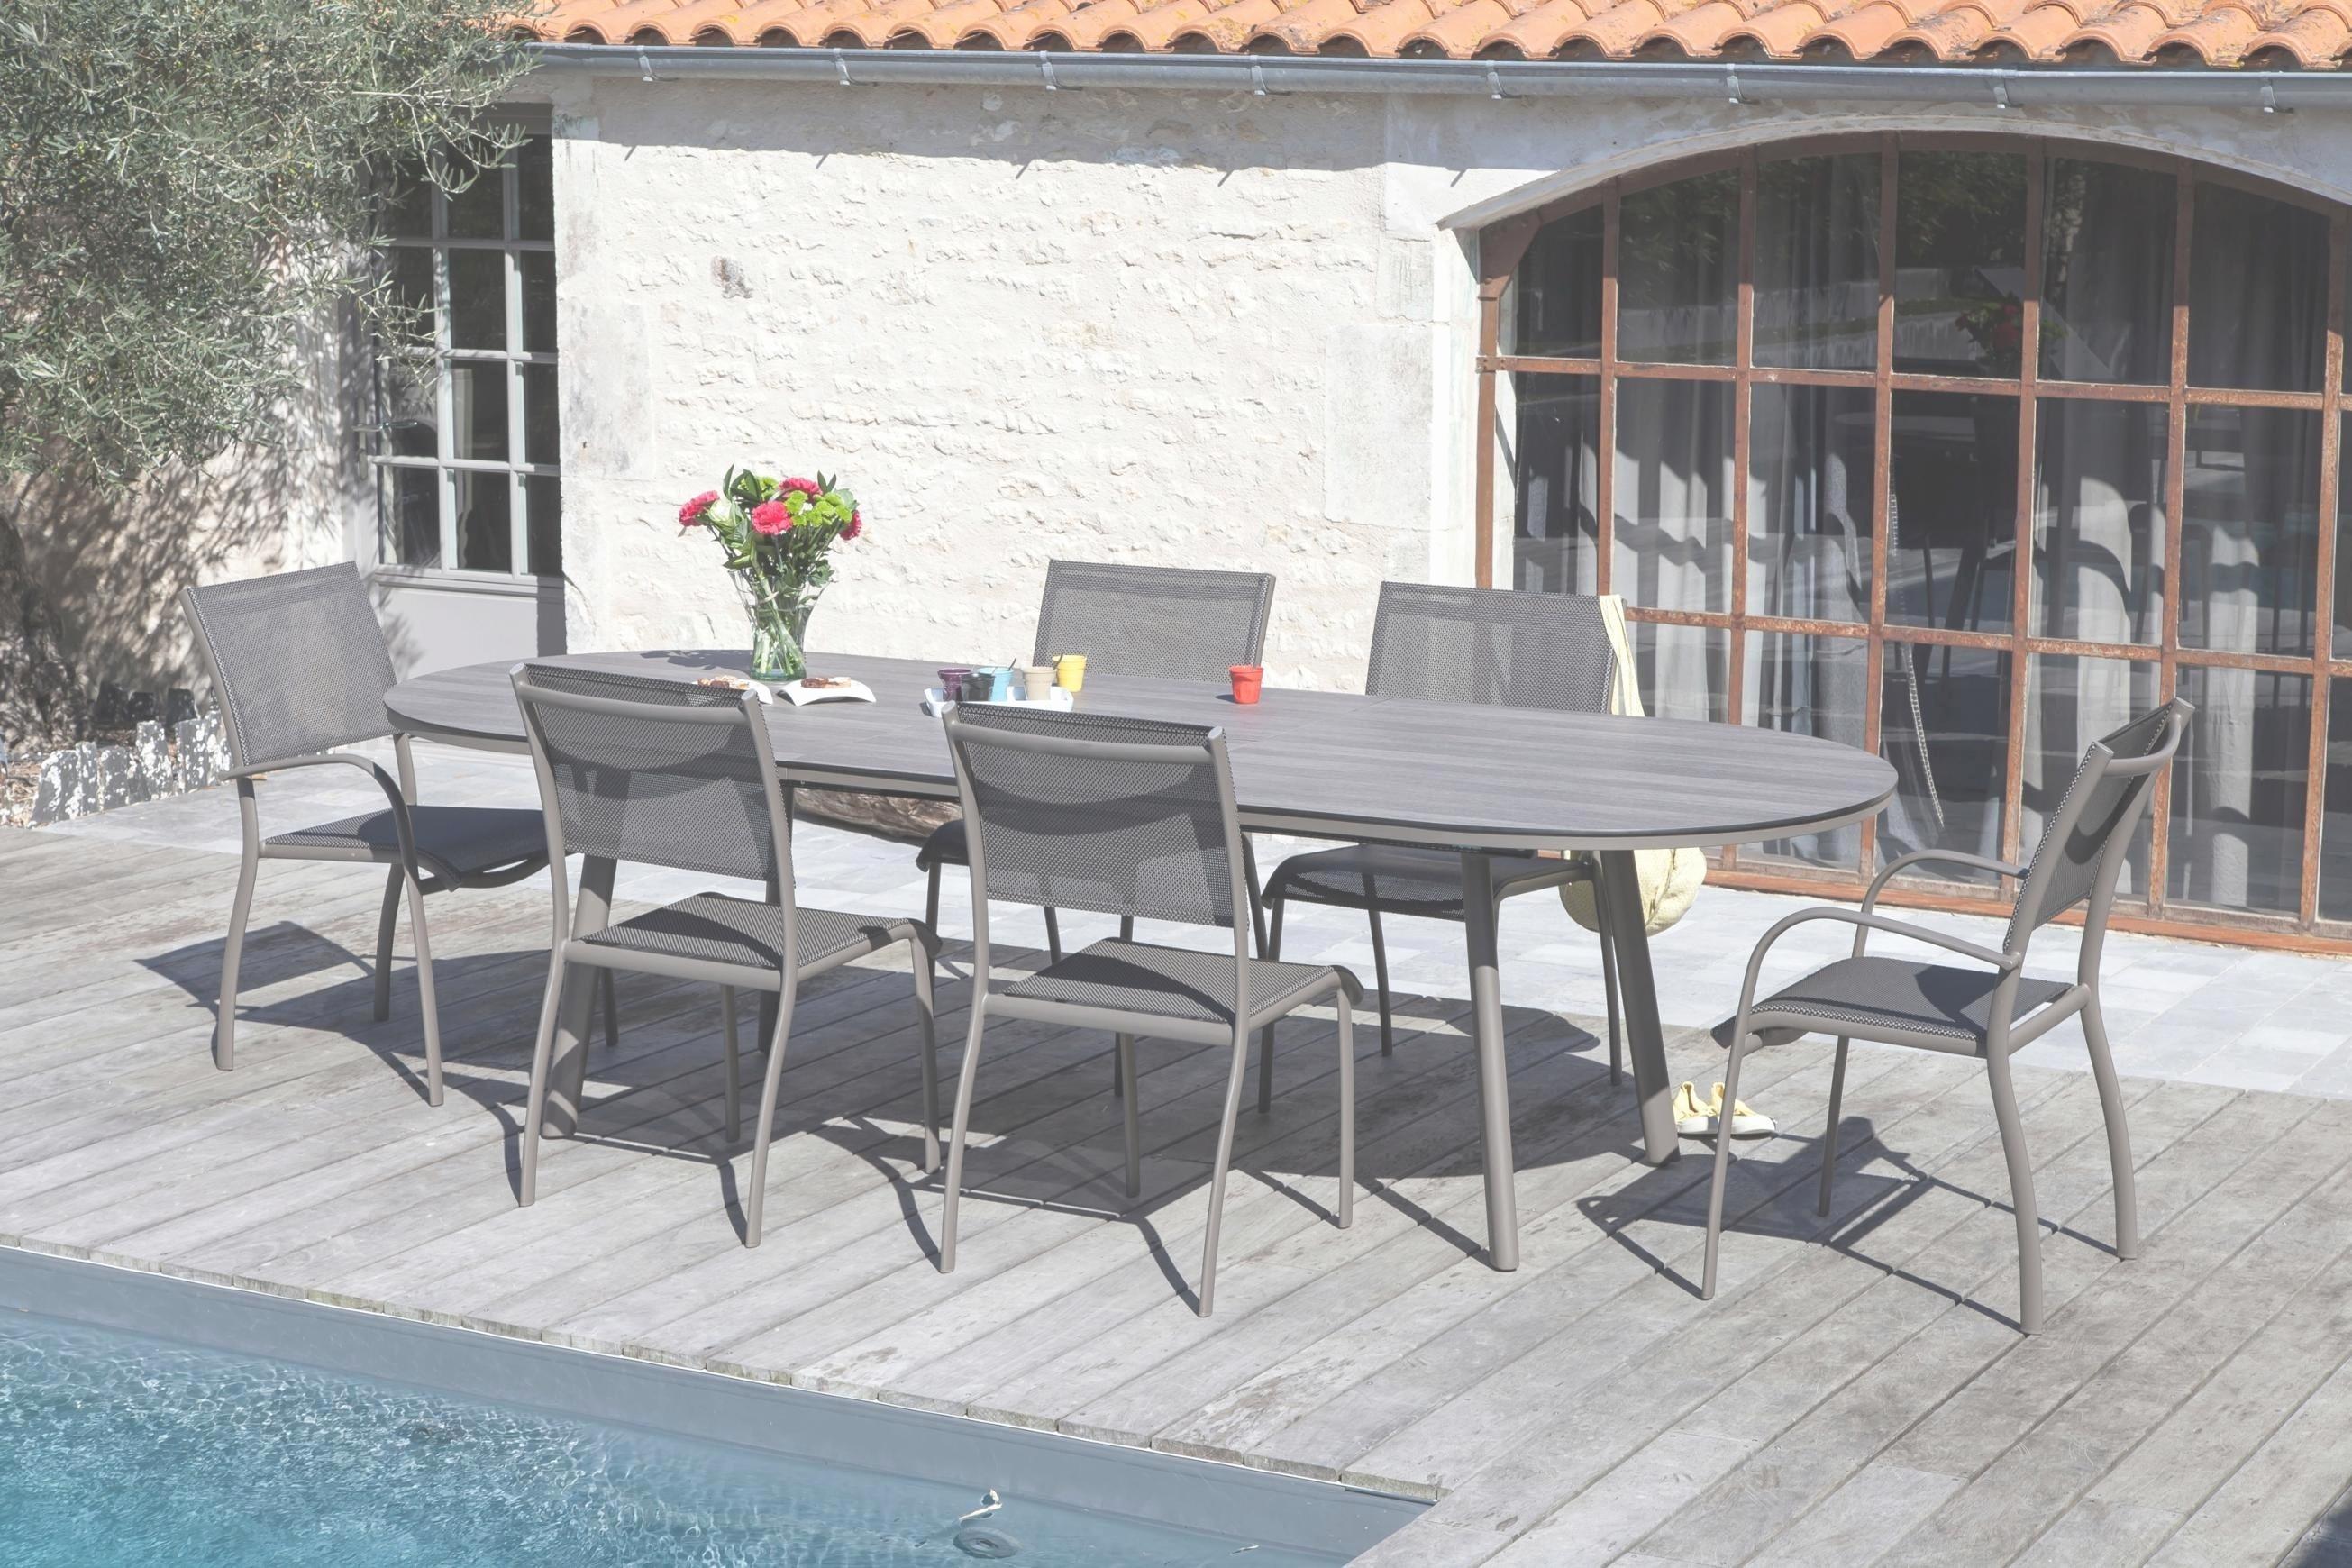 super u table salon de jardin Archives - AgenceCormierDelauniere